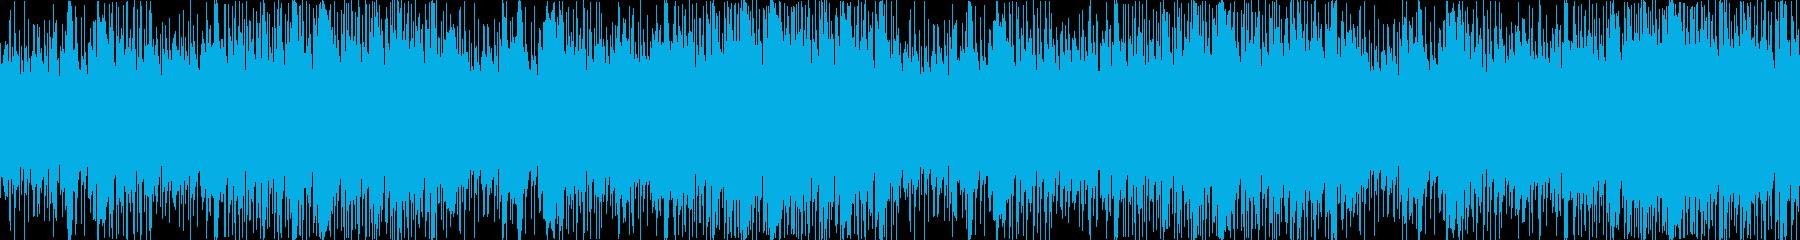 そよ風のふく丘を連想するエレクトロニカの再生済みの波形